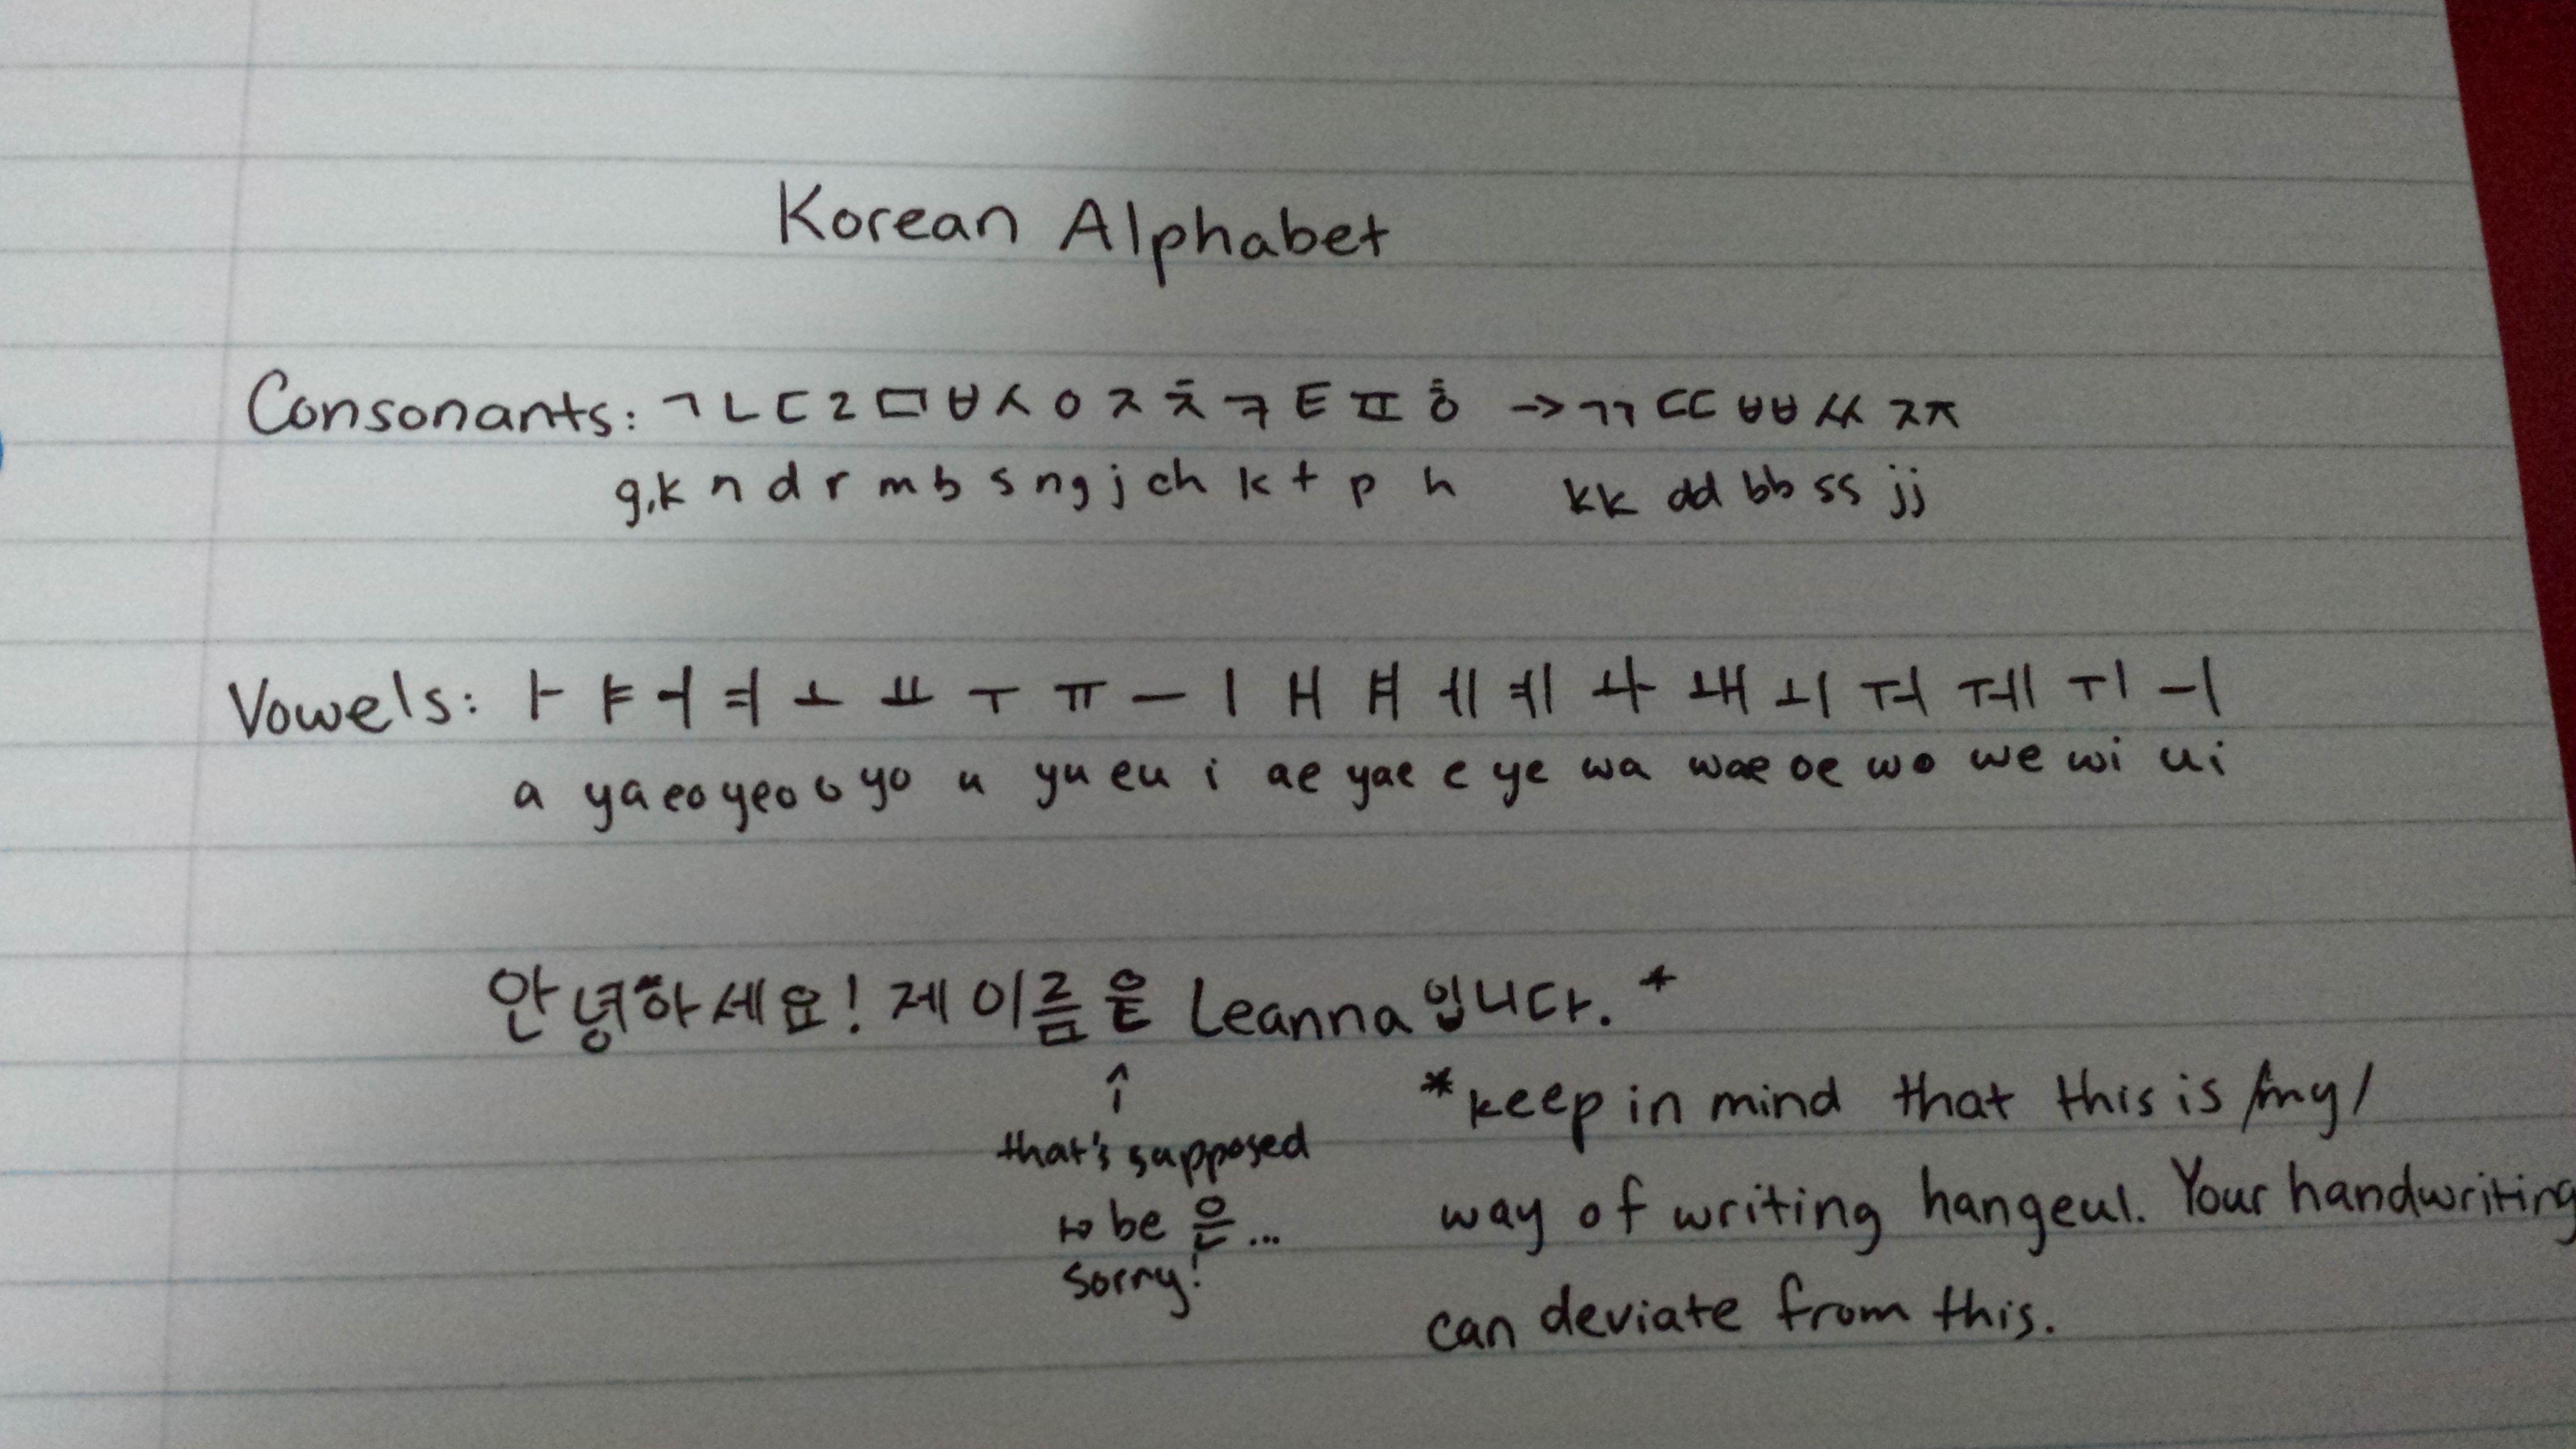 Hangul handwriting